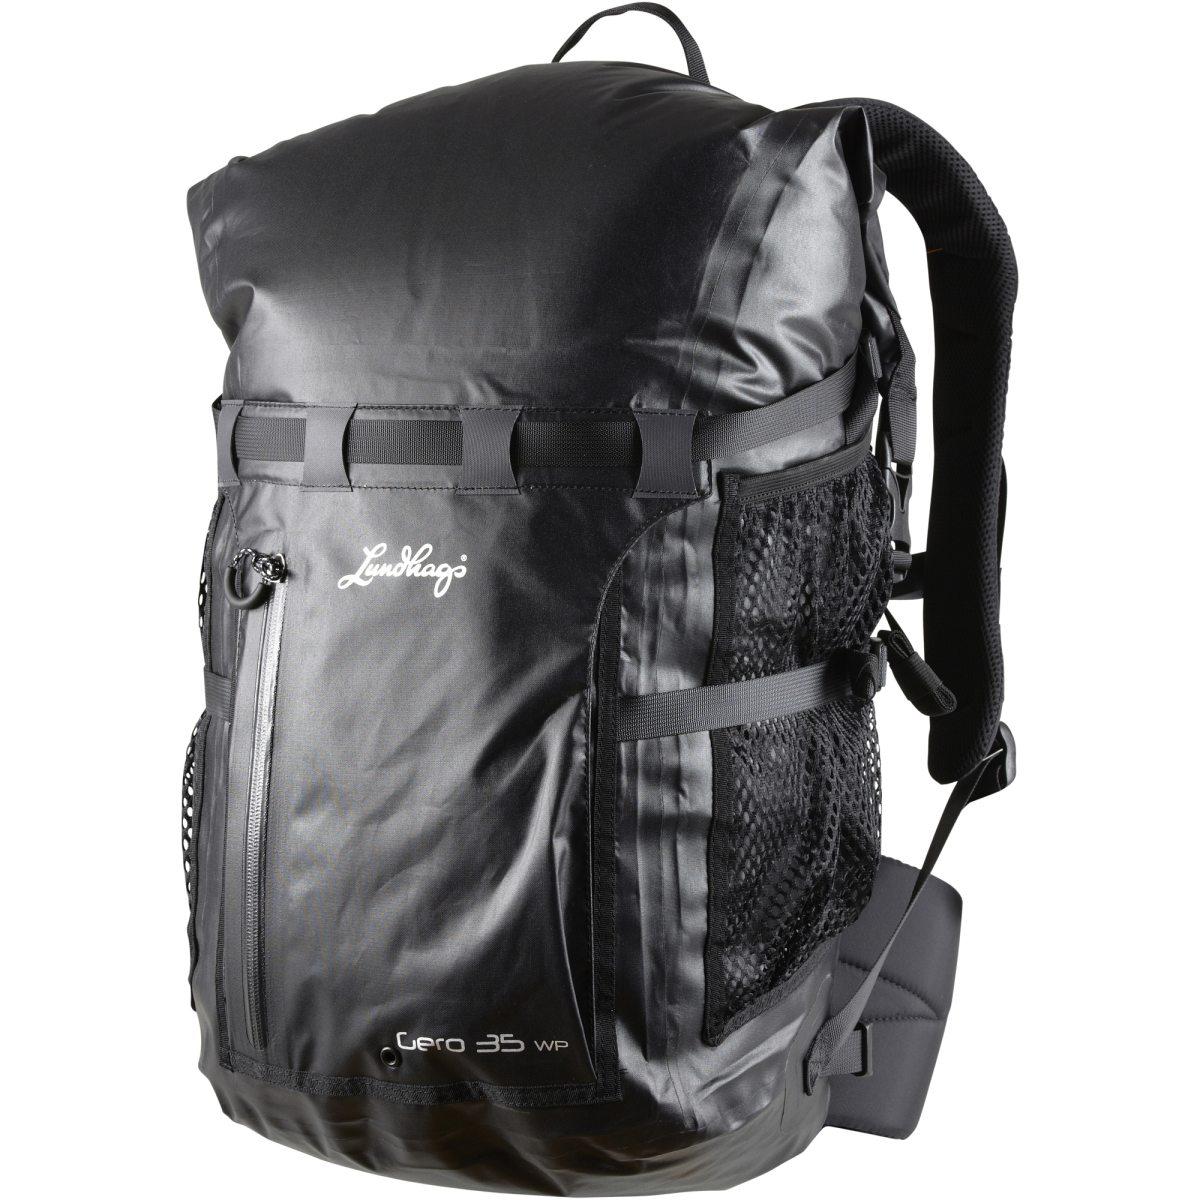 liverpool ryggsäck svart finns på .